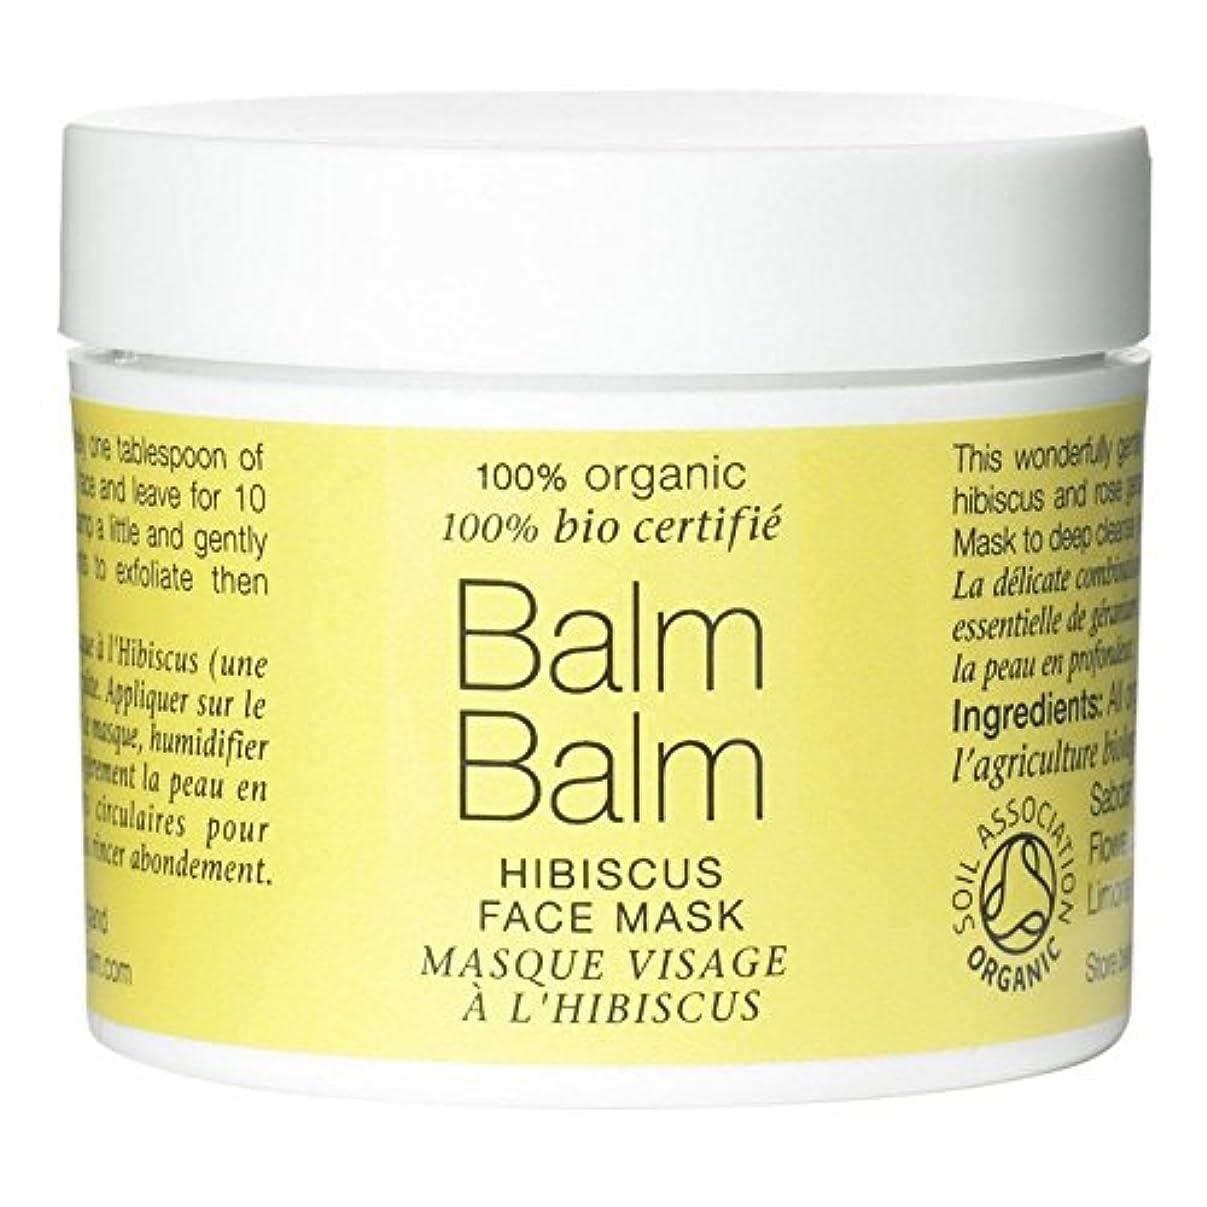 組み合わせ文庫本定義バームバームオーガニックハイビスカスフェイスマスク100グラム x2 - Balm Balm Organic Hibiscus Face Mask 100g (Pack of 2) [並行輸入品]